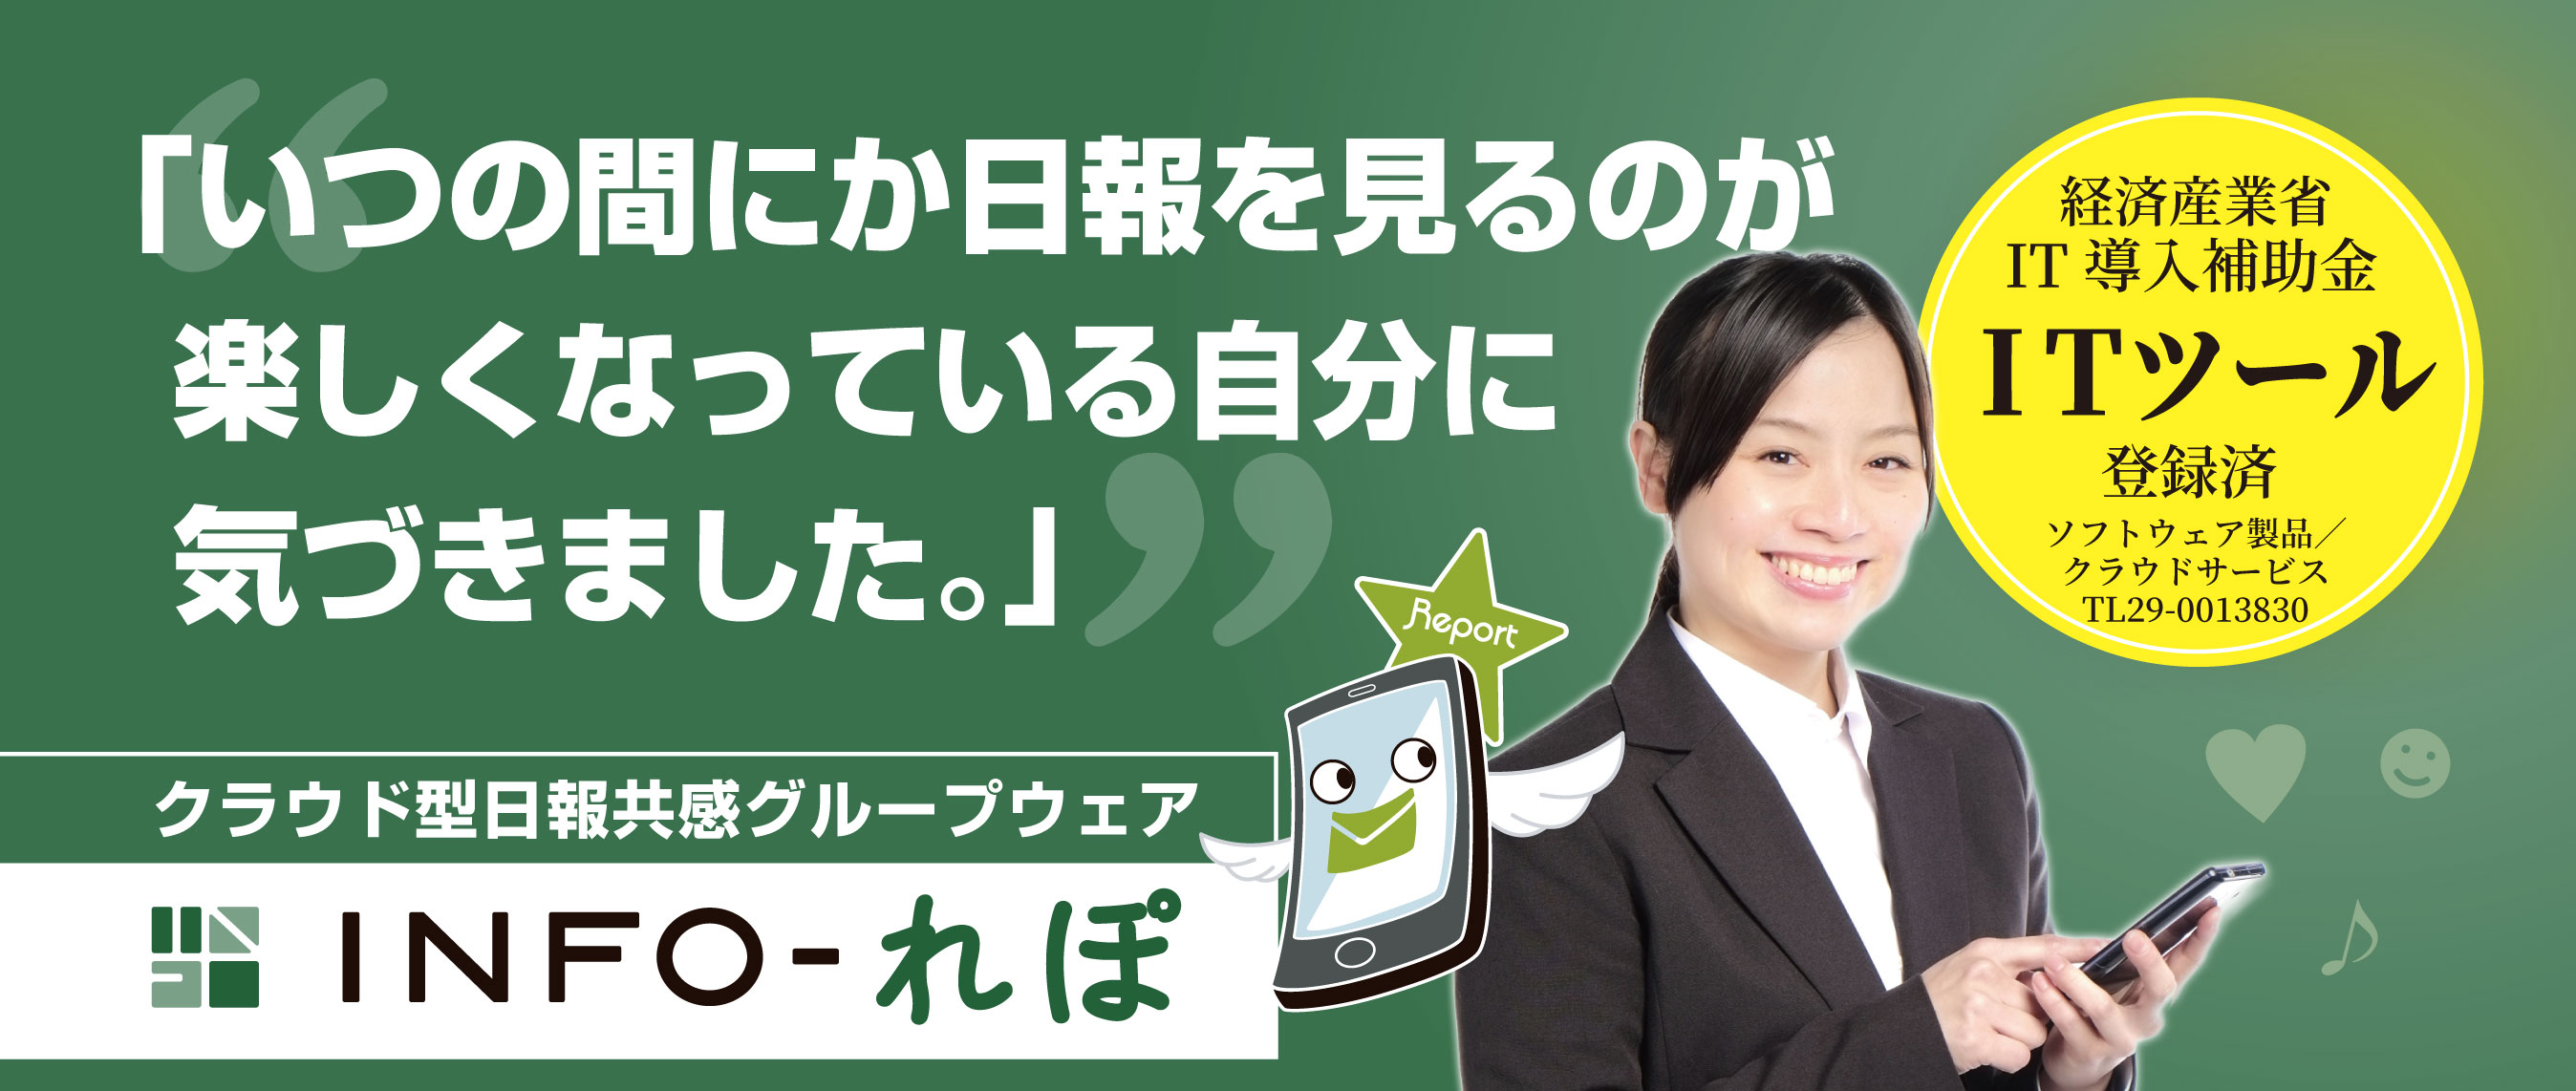 インフォれぽ_inforepo